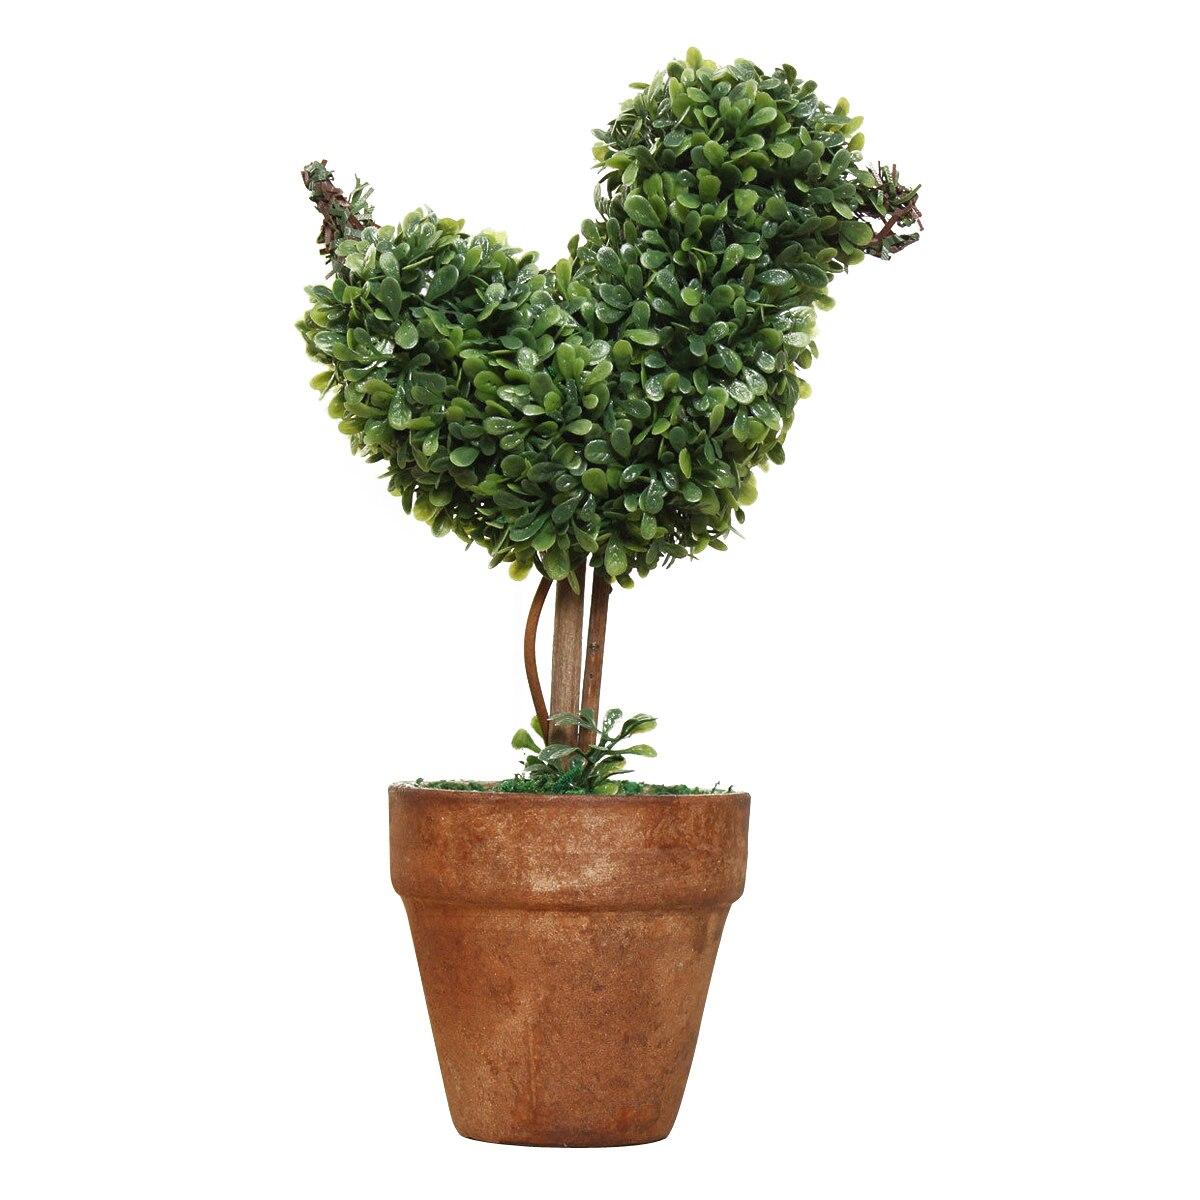 Design créatif en plastique jardin herbe boule topiaire arbre Pot ...